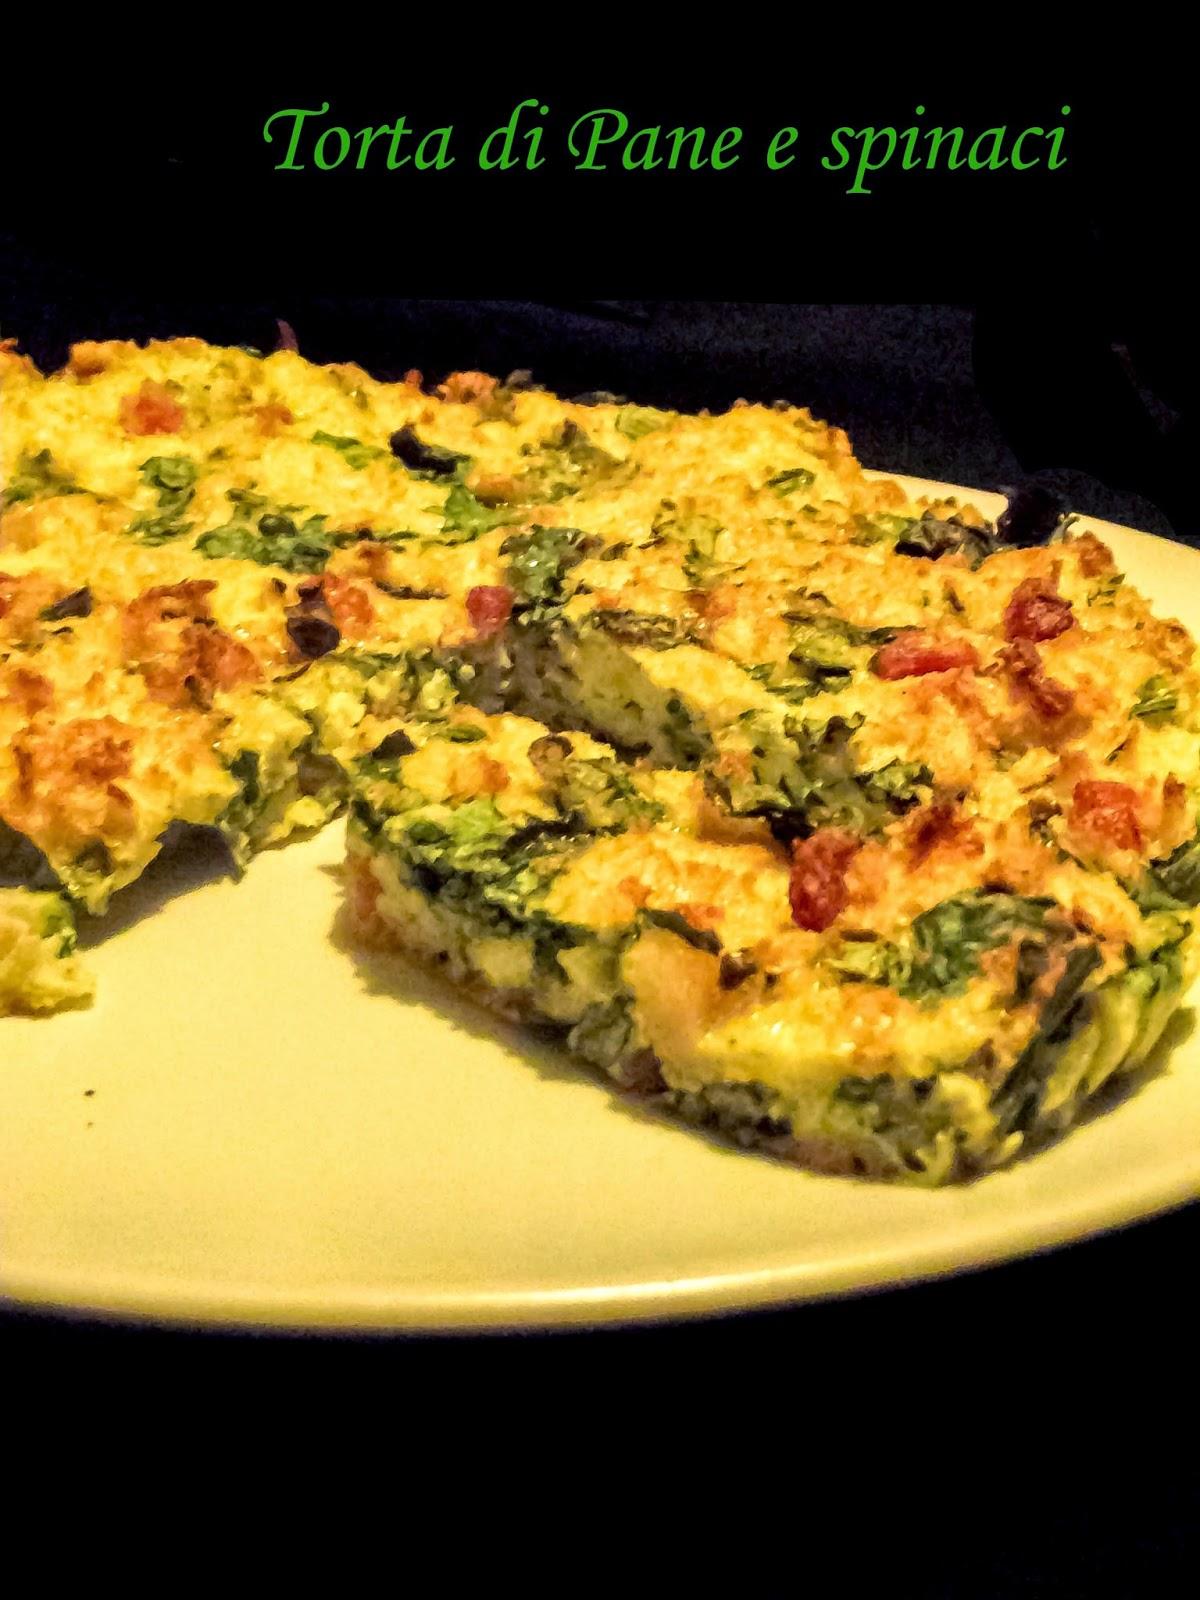 torta di pane e spinaci...la sfida della cucina degli avanzi